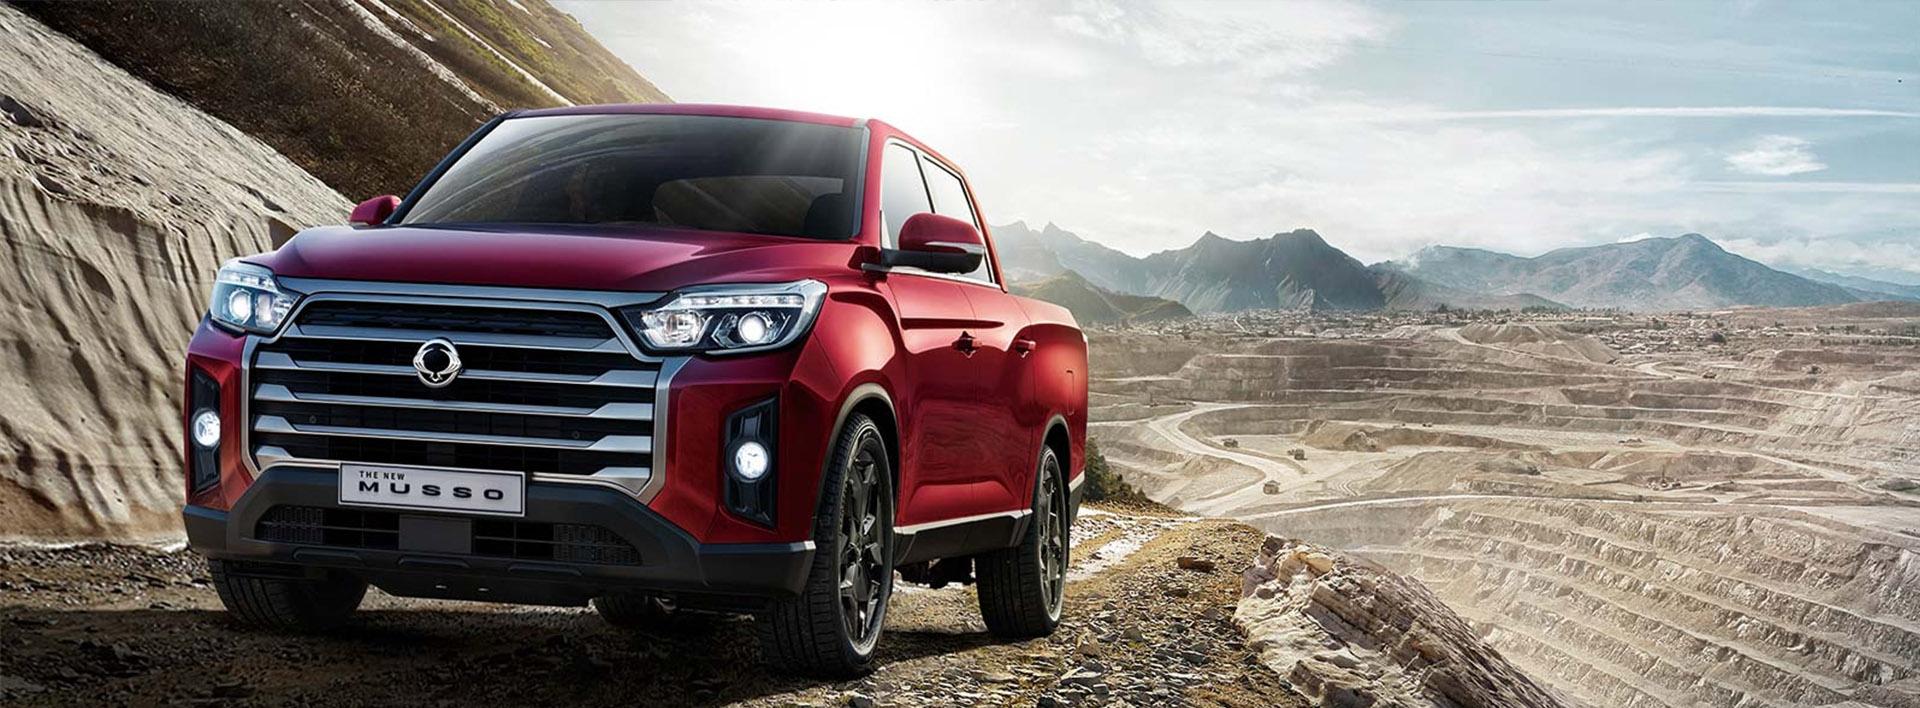 SsangYong New Car Range